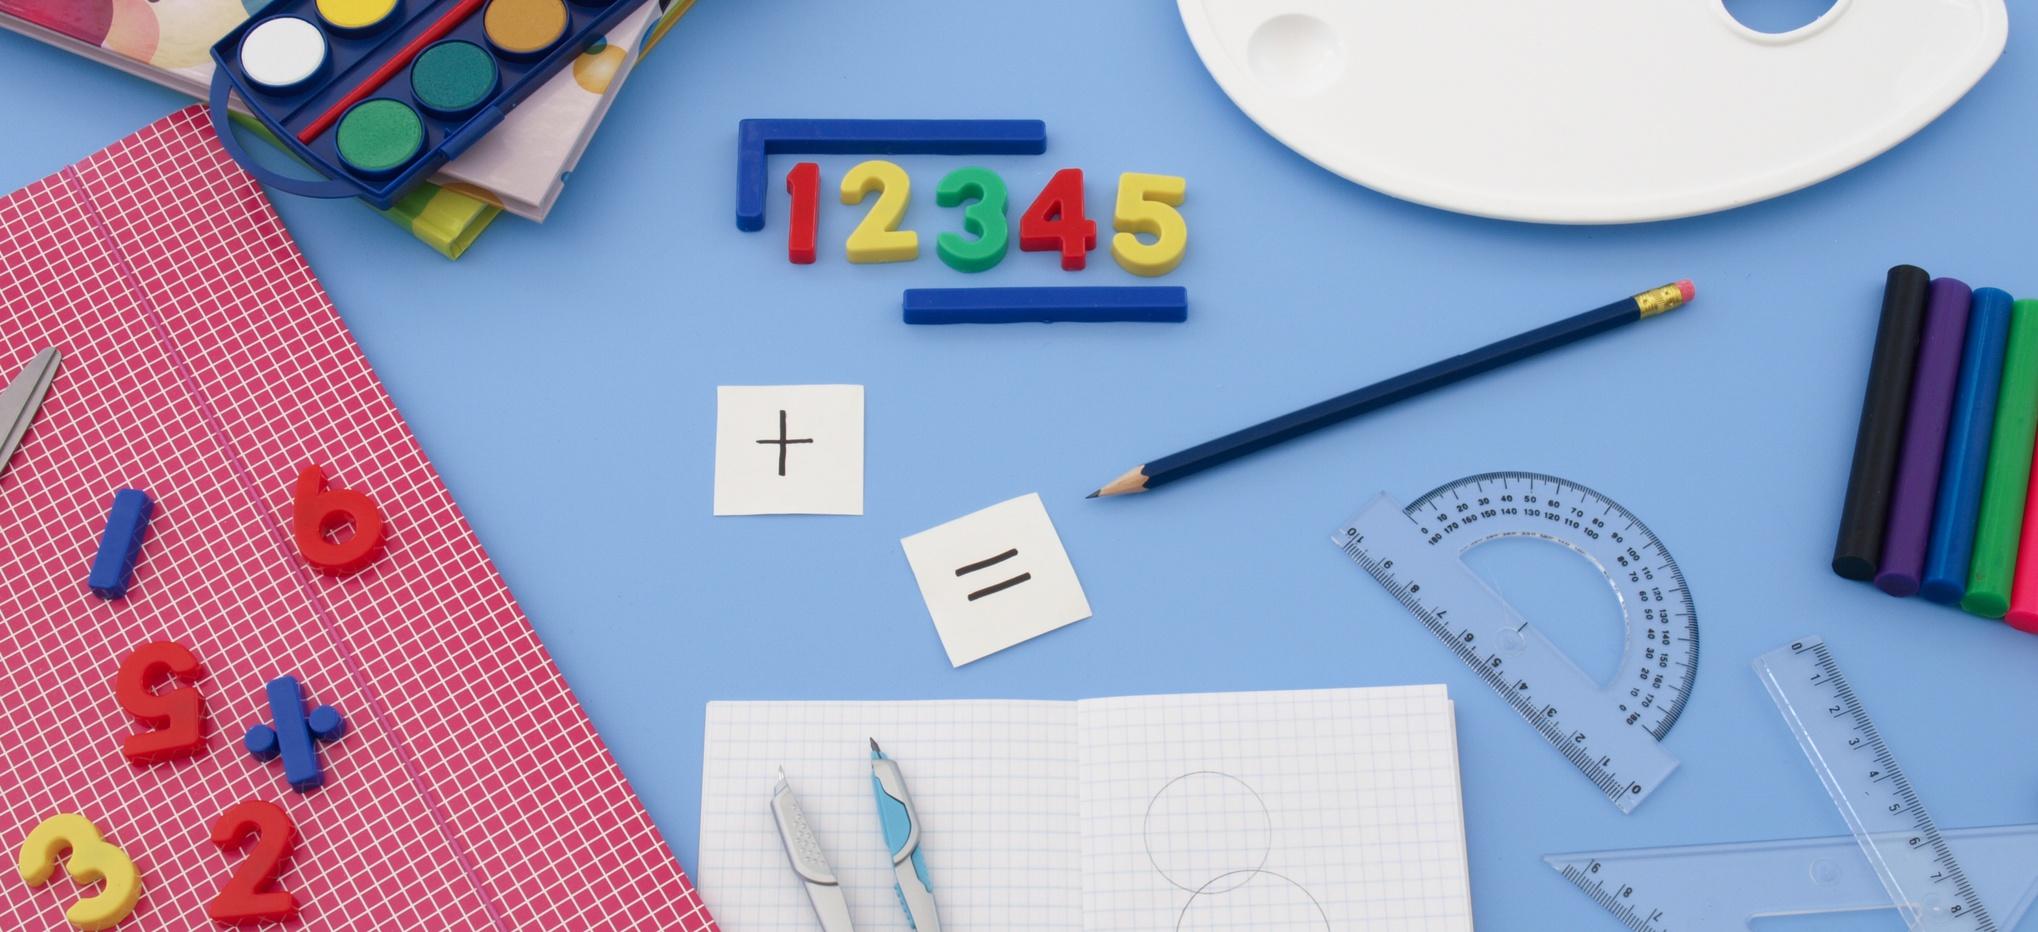 Zurück mit Stil und ohne Spannung in die Schule ! Diskon Briefpapier mit Staples!